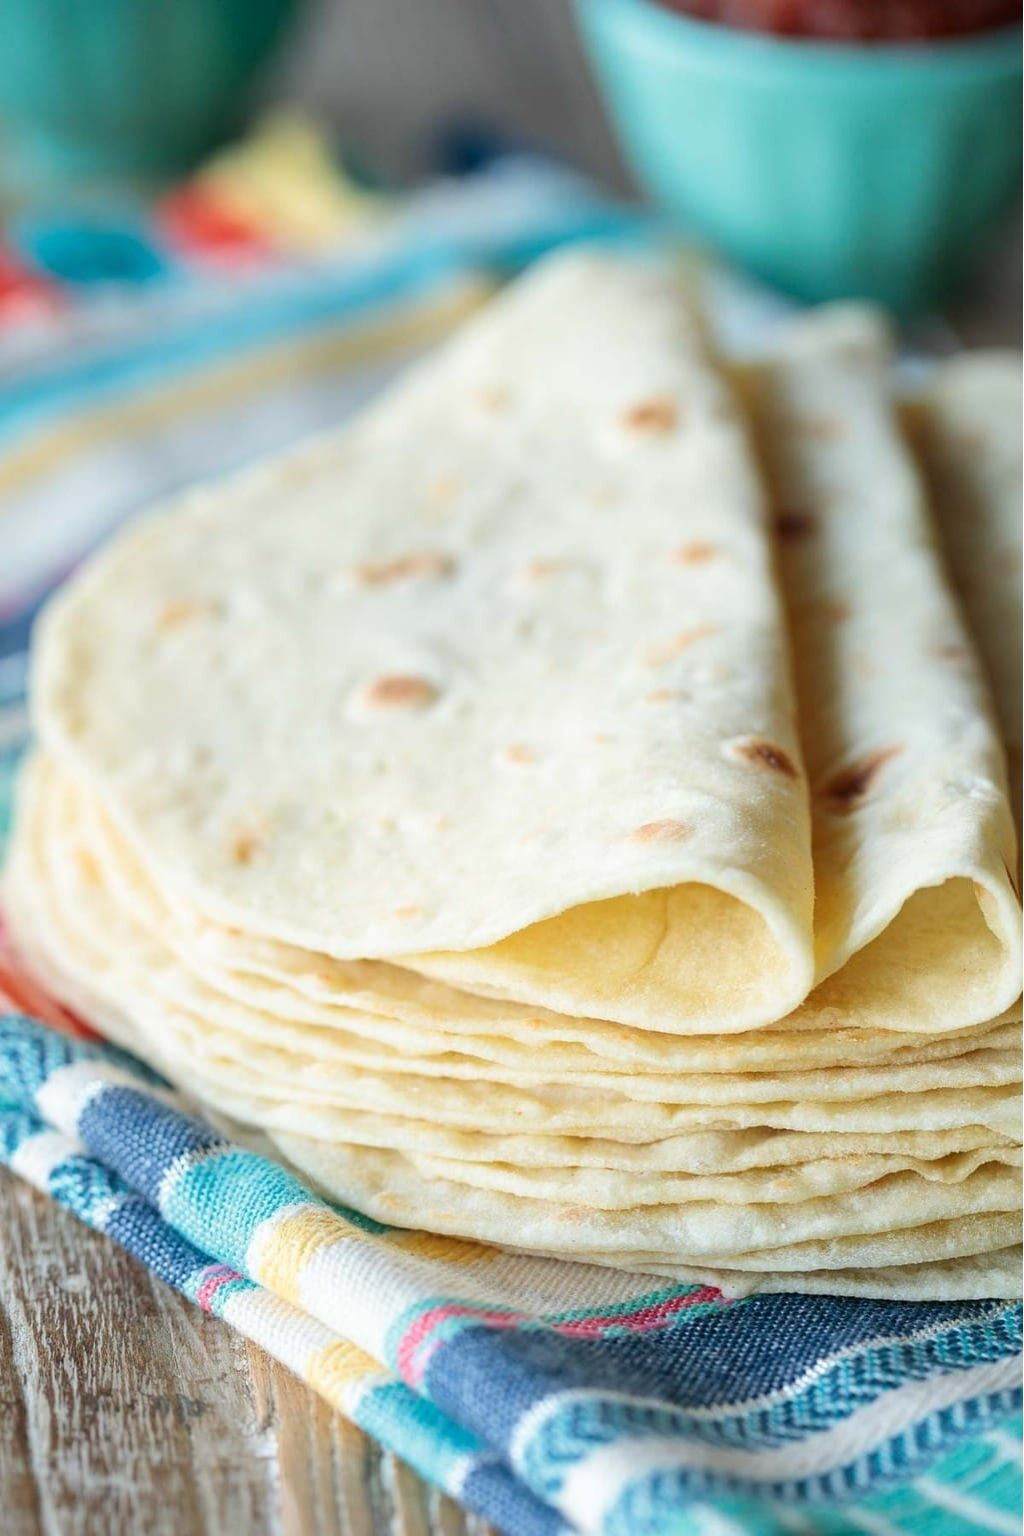 Receta tortillas de harina caseras